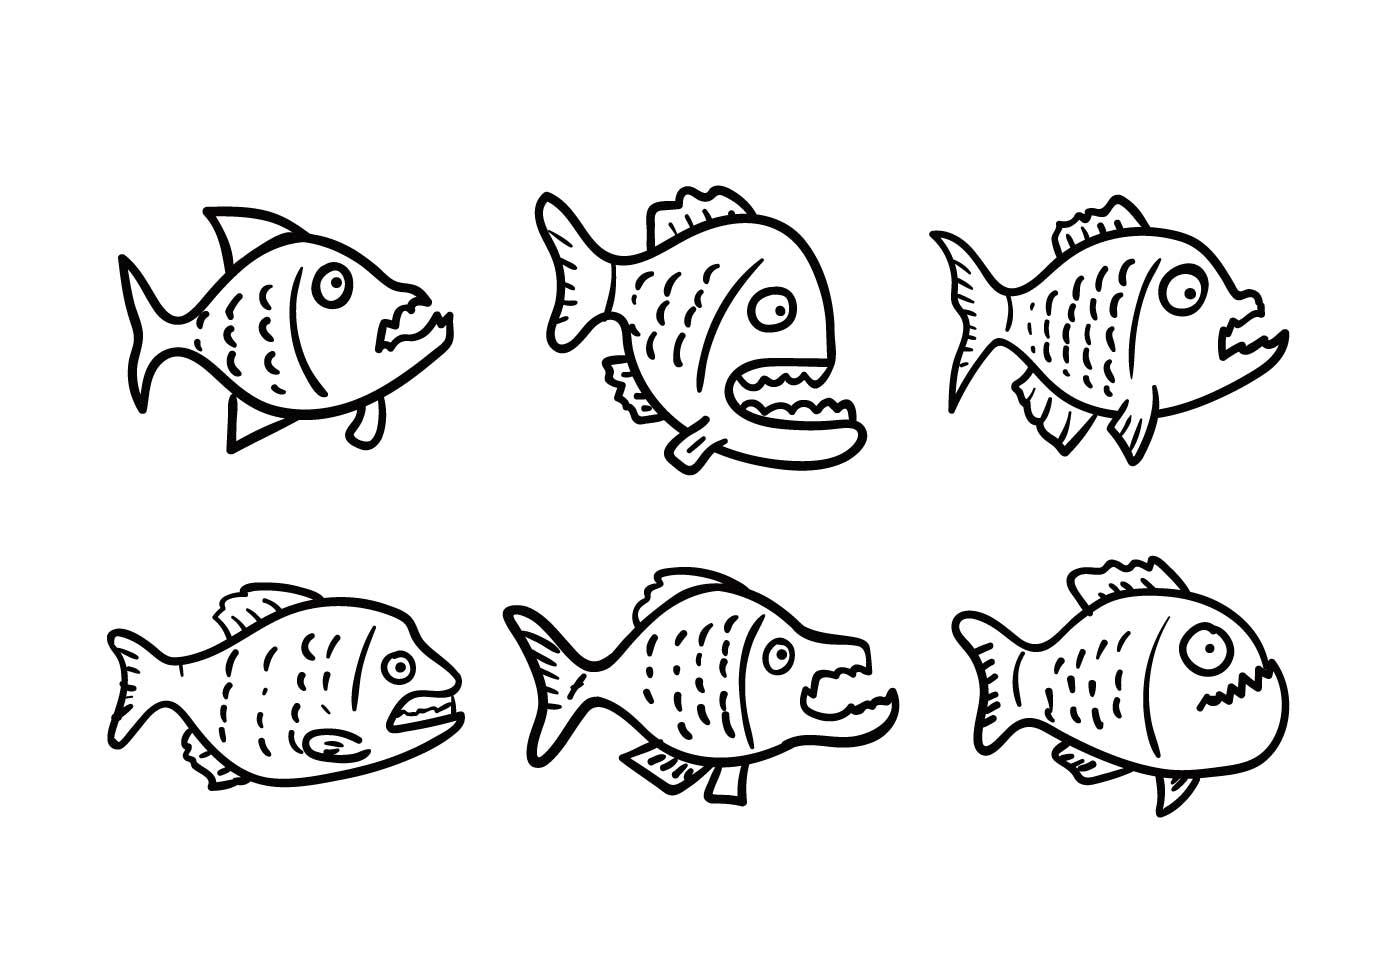 Piranha conjunto de vectores - Descargue Gráficos y Vectores Gratis